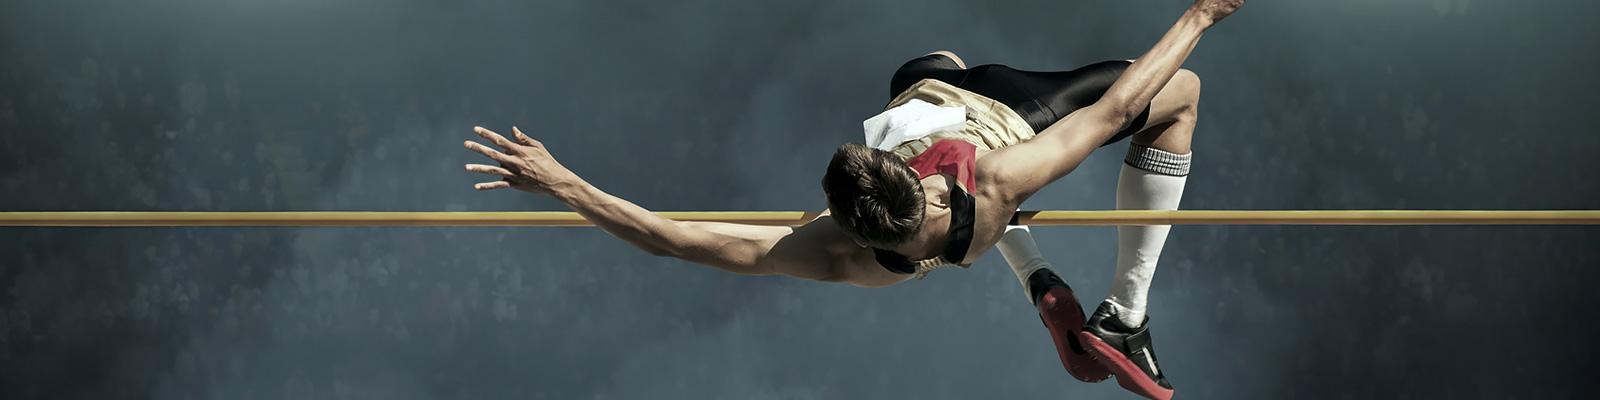 オリンピック イメージ